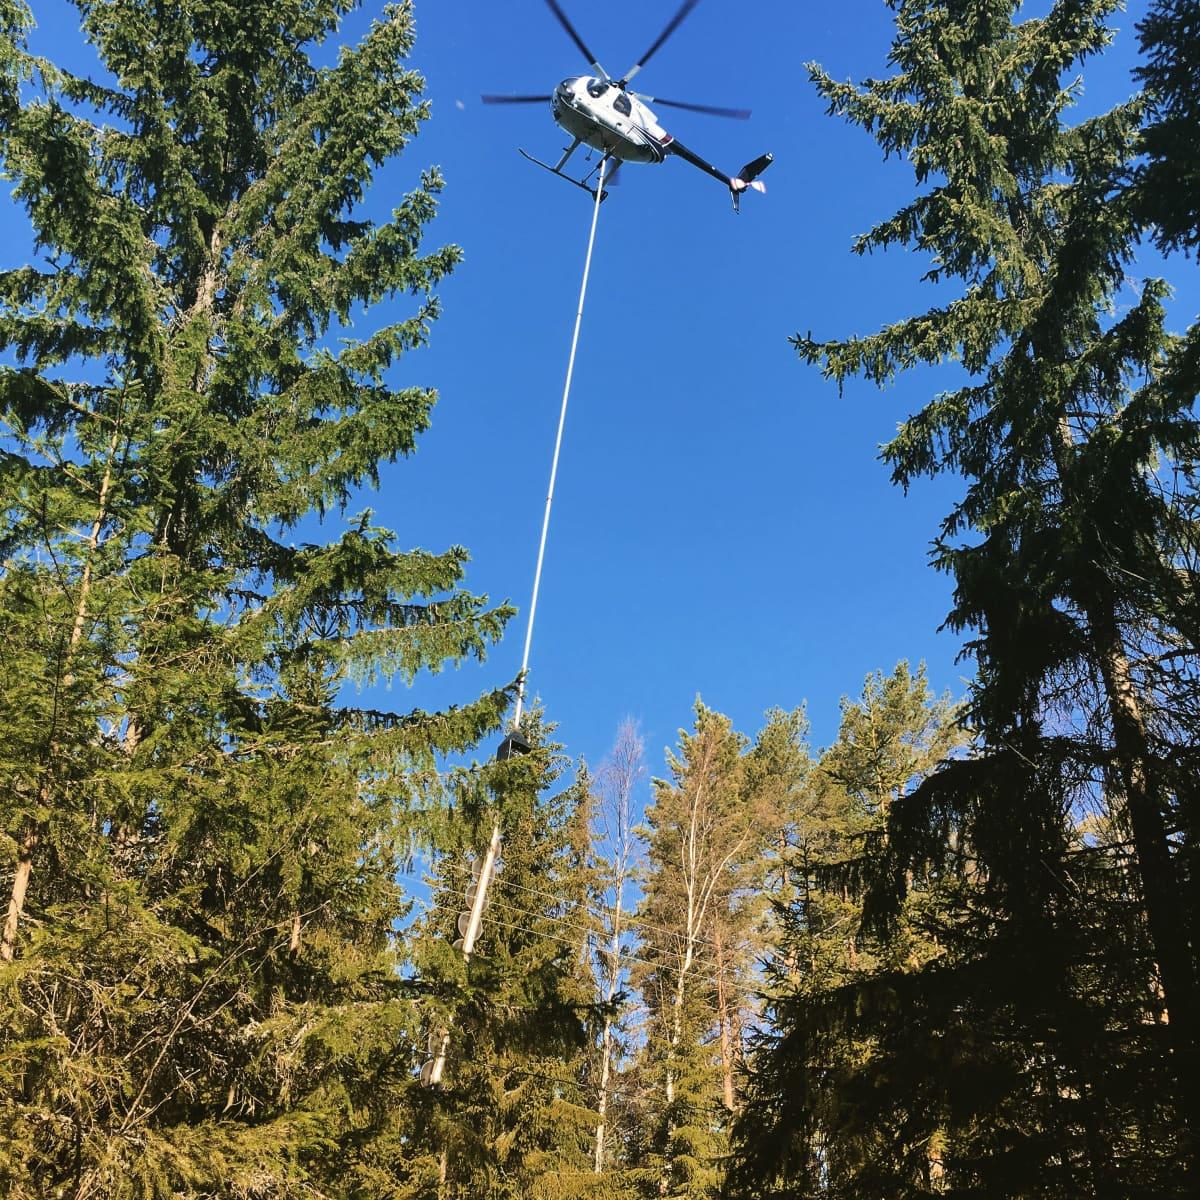 Puita raivataan helikopteriin kiinnitetyn raivaussahan avullla.